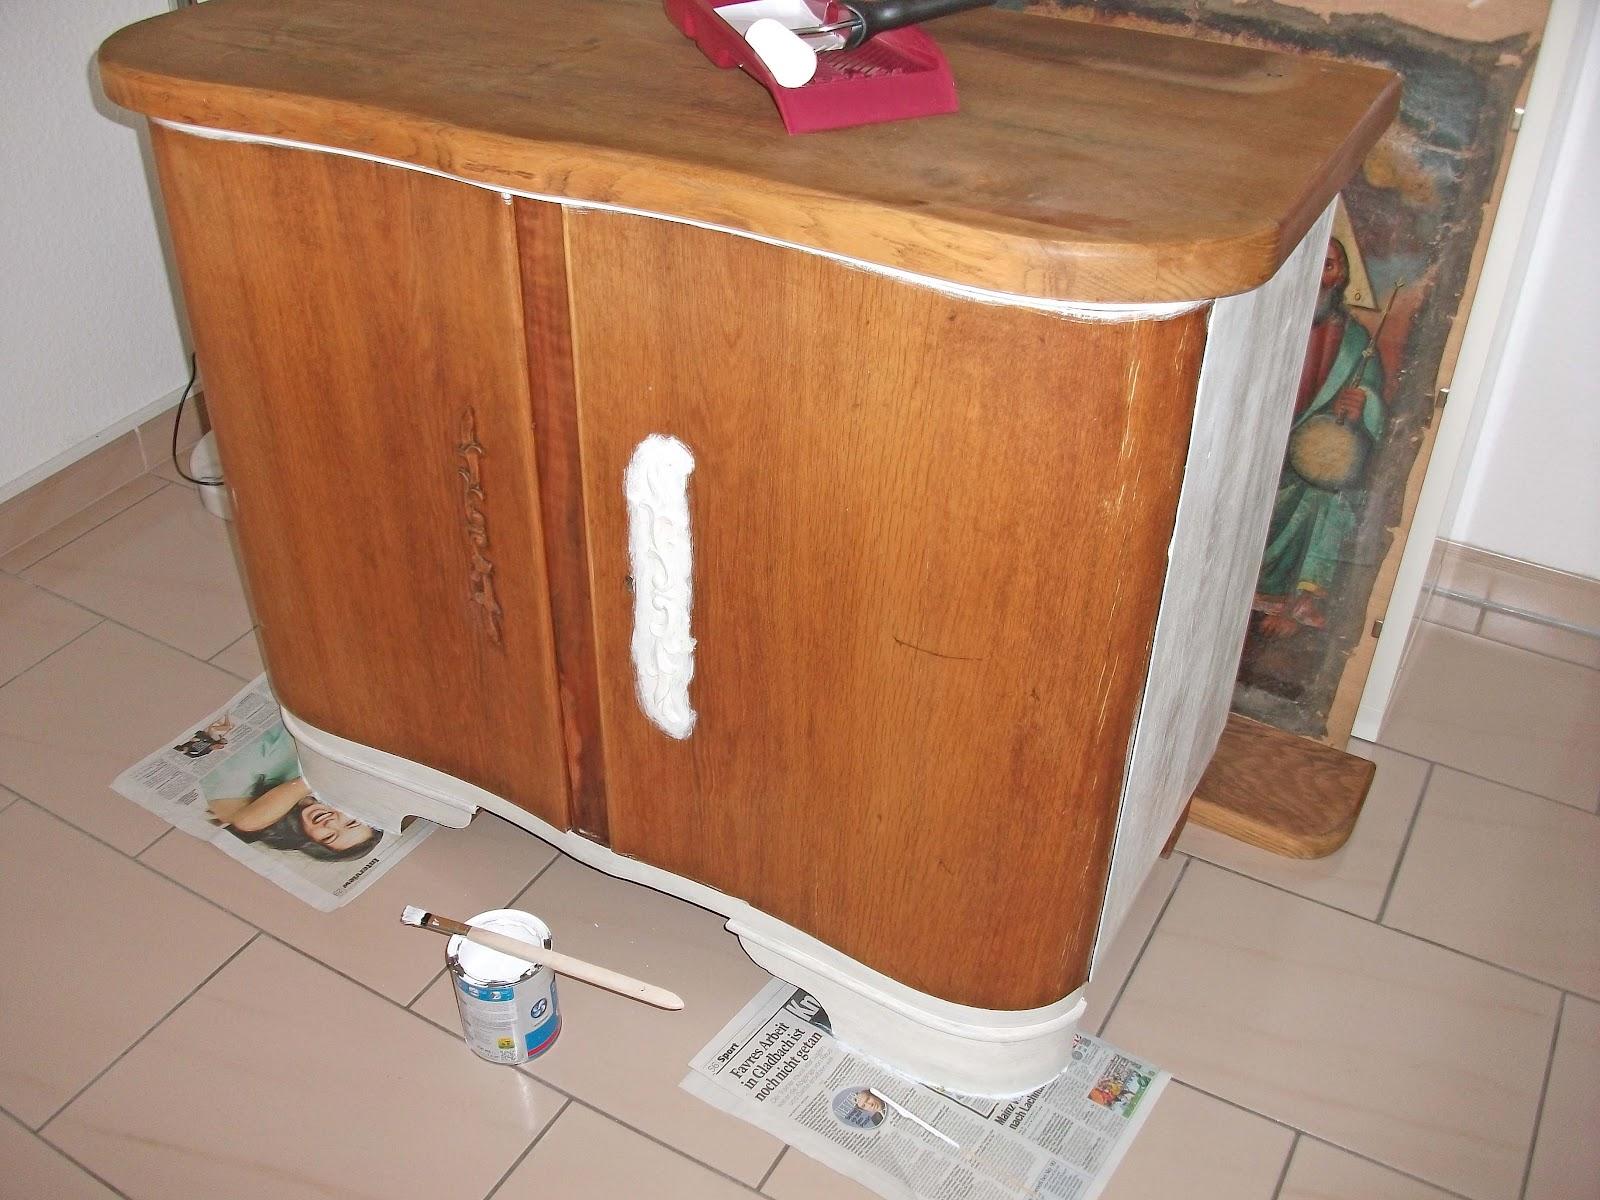 schilli fashion handmade shabby chic kommode streichen. Black Bedroom Furniture Sets. Home Design Ideas